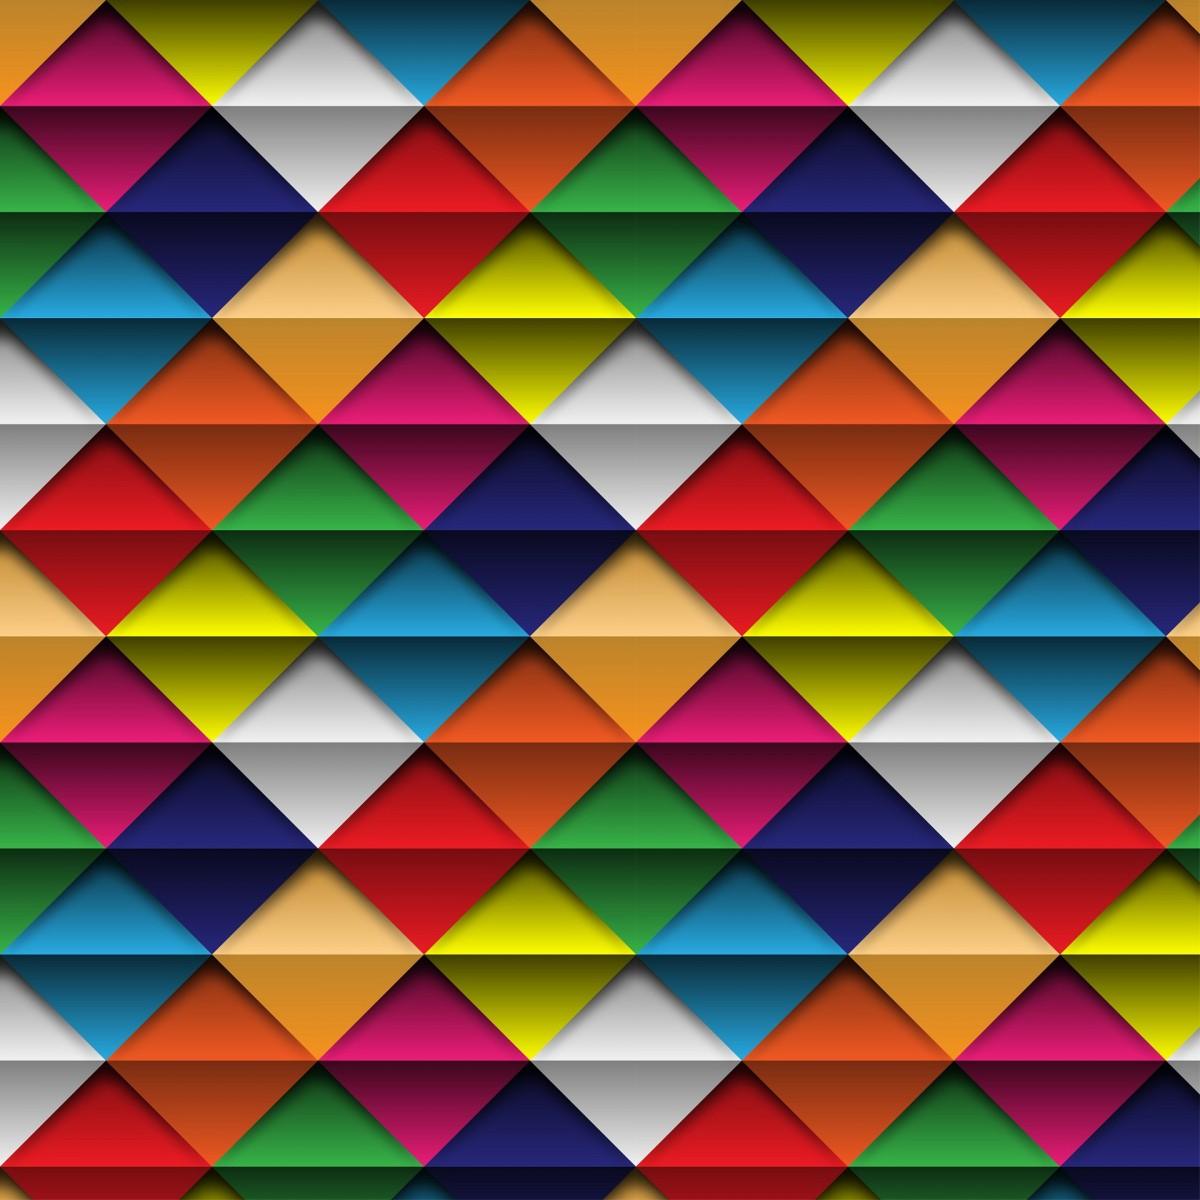 O quebra-cabeça Recolher o quebra-cabeças on-line - Triangles and strips